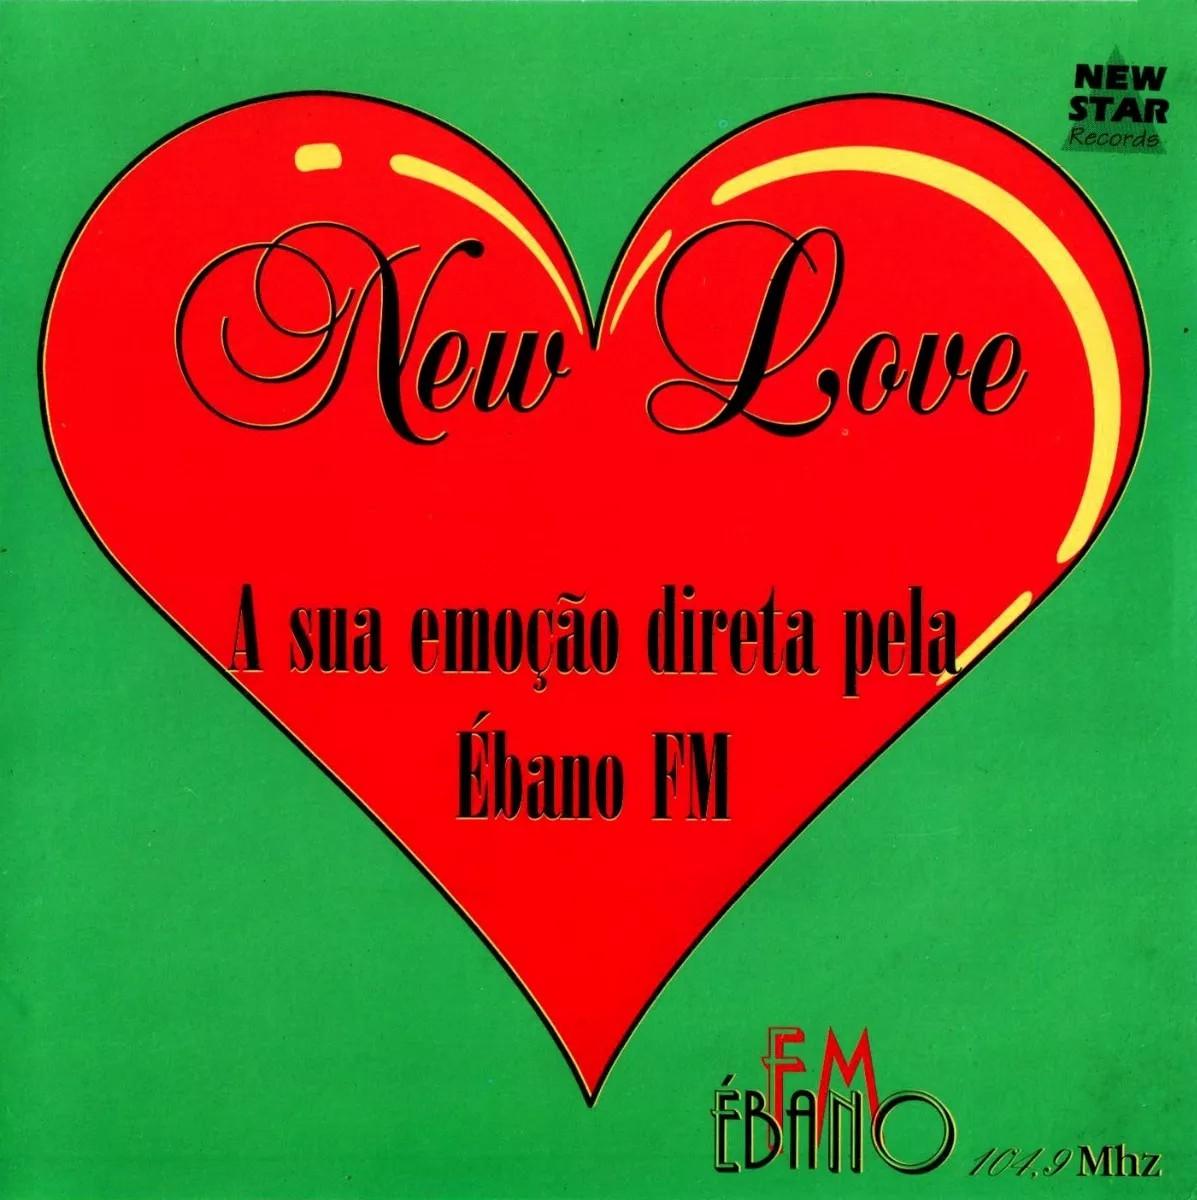 New Love A Sua Emoção Direta Pela Ébano Fm 2003